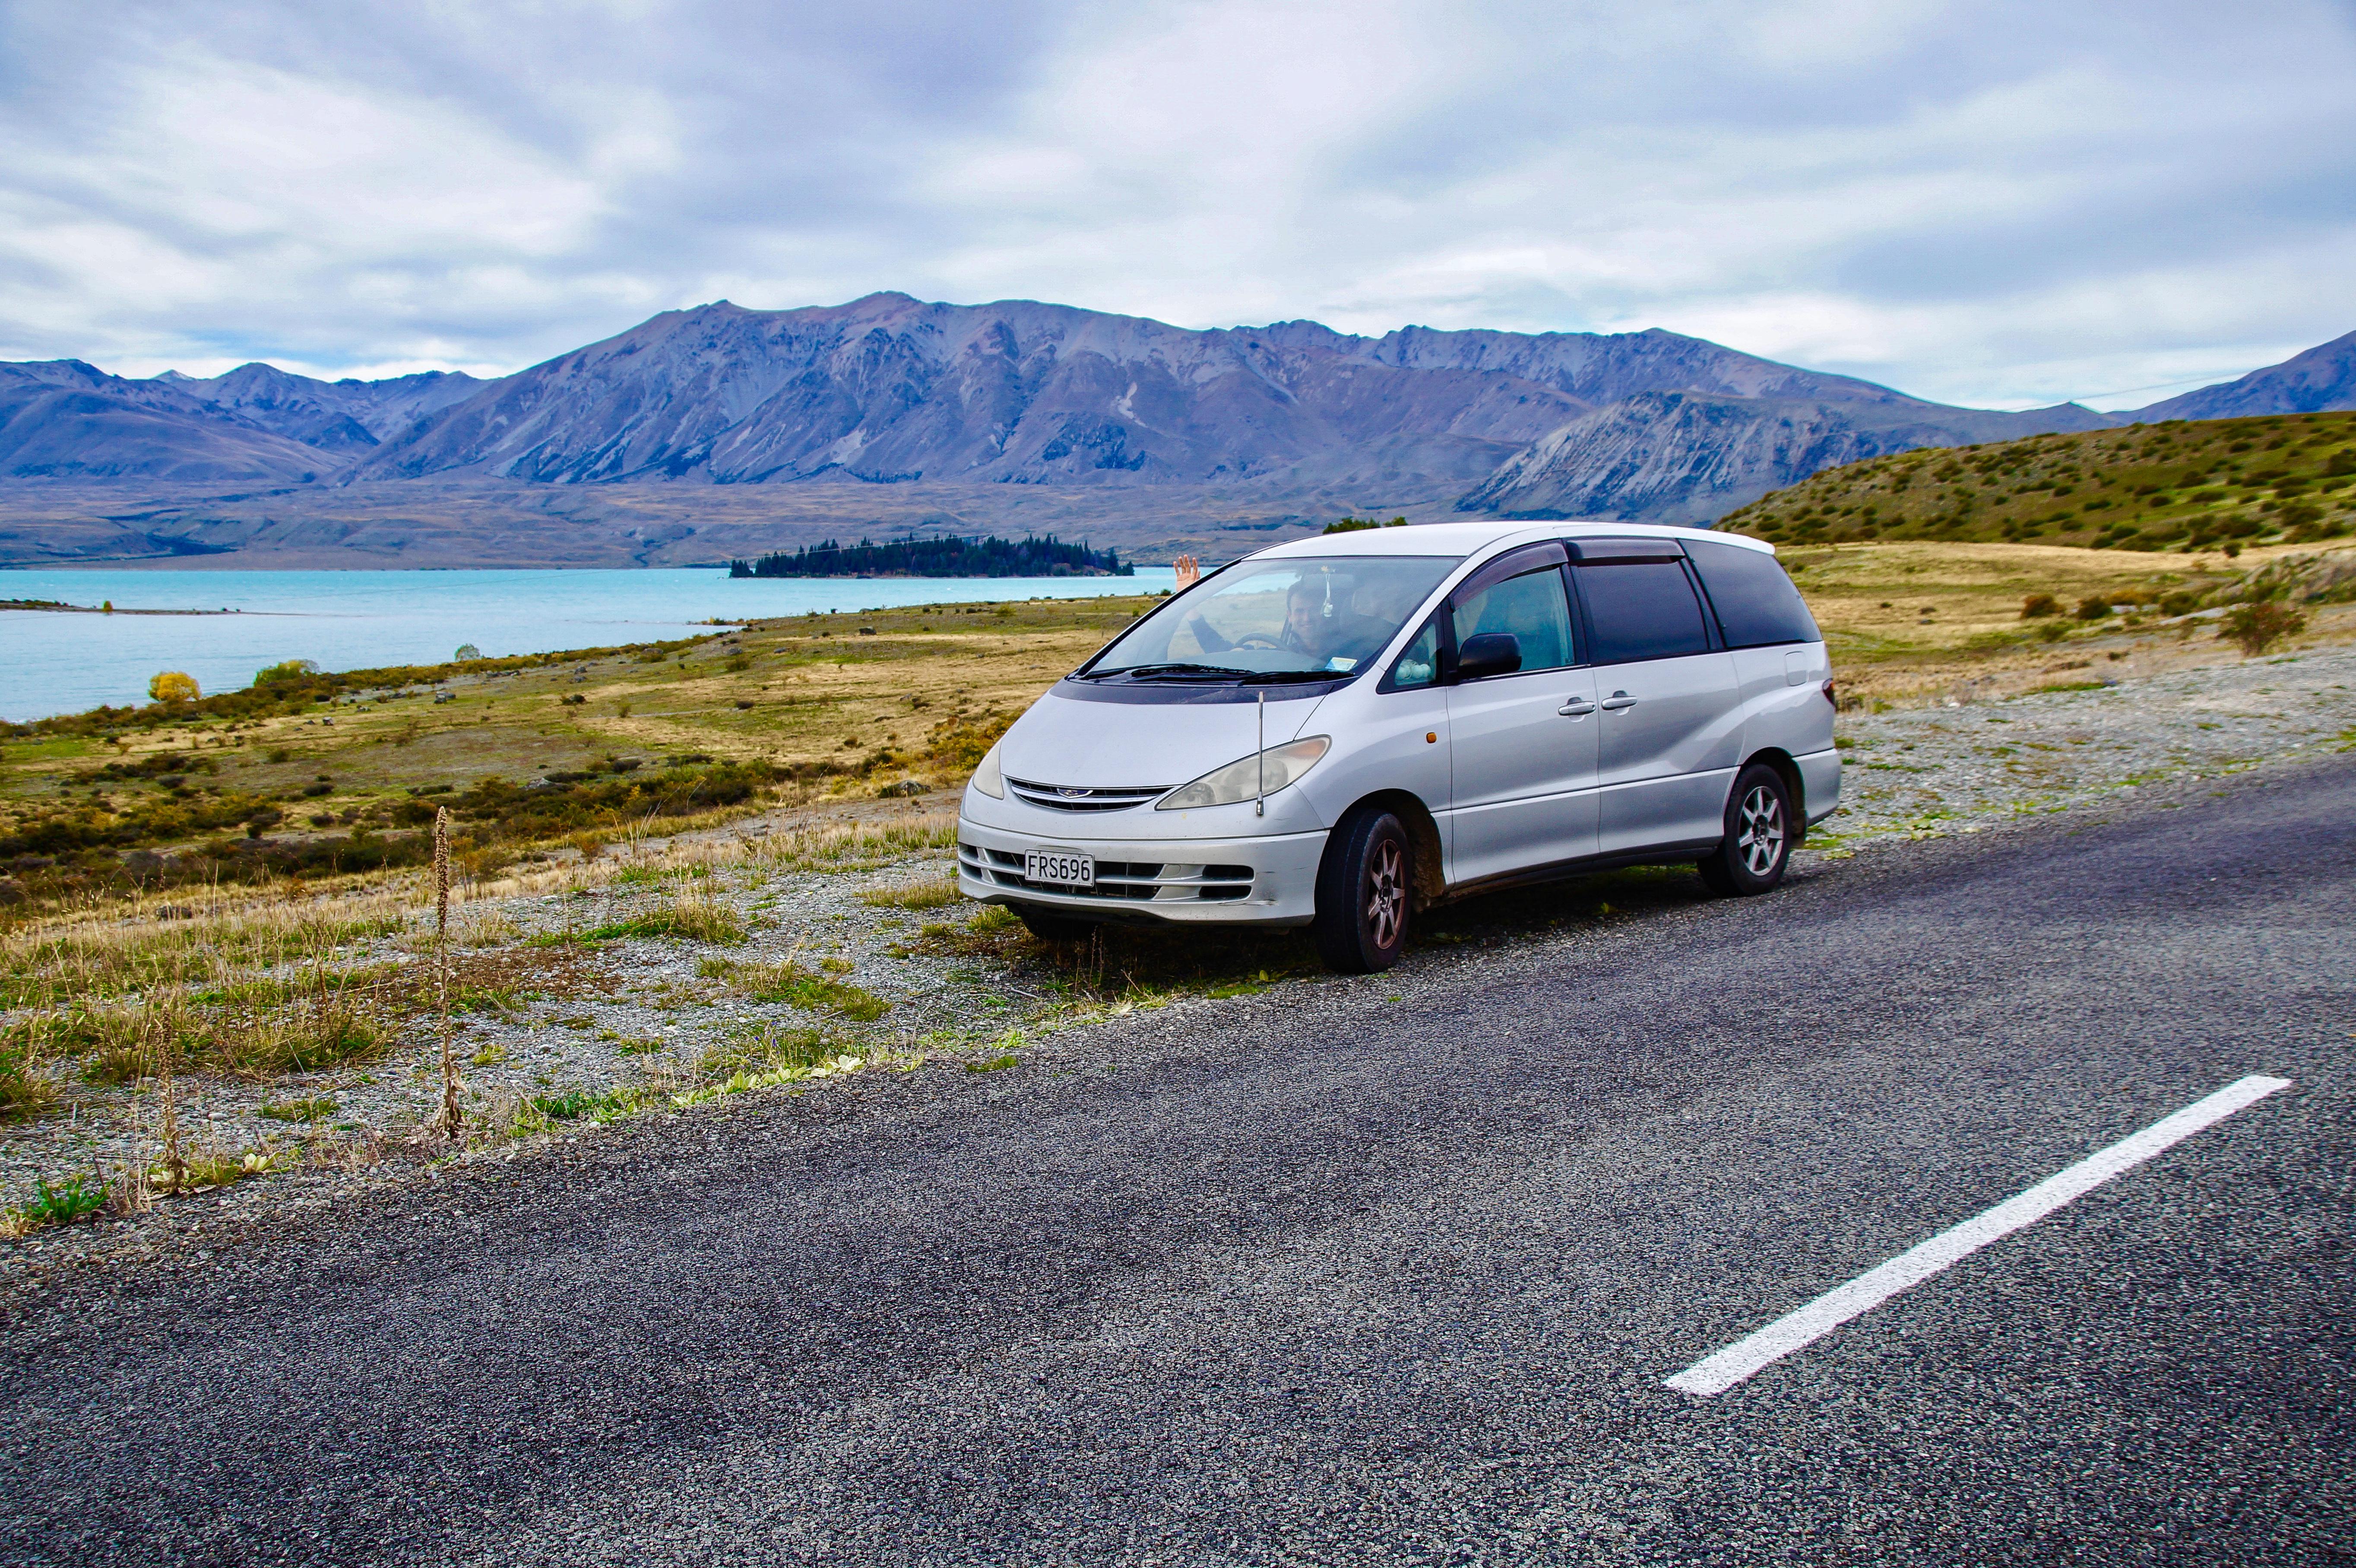 Neuseeland, Roadtrip - Unser Camper Van, die Wahl faellt auf einen 2000er Toyota Estima